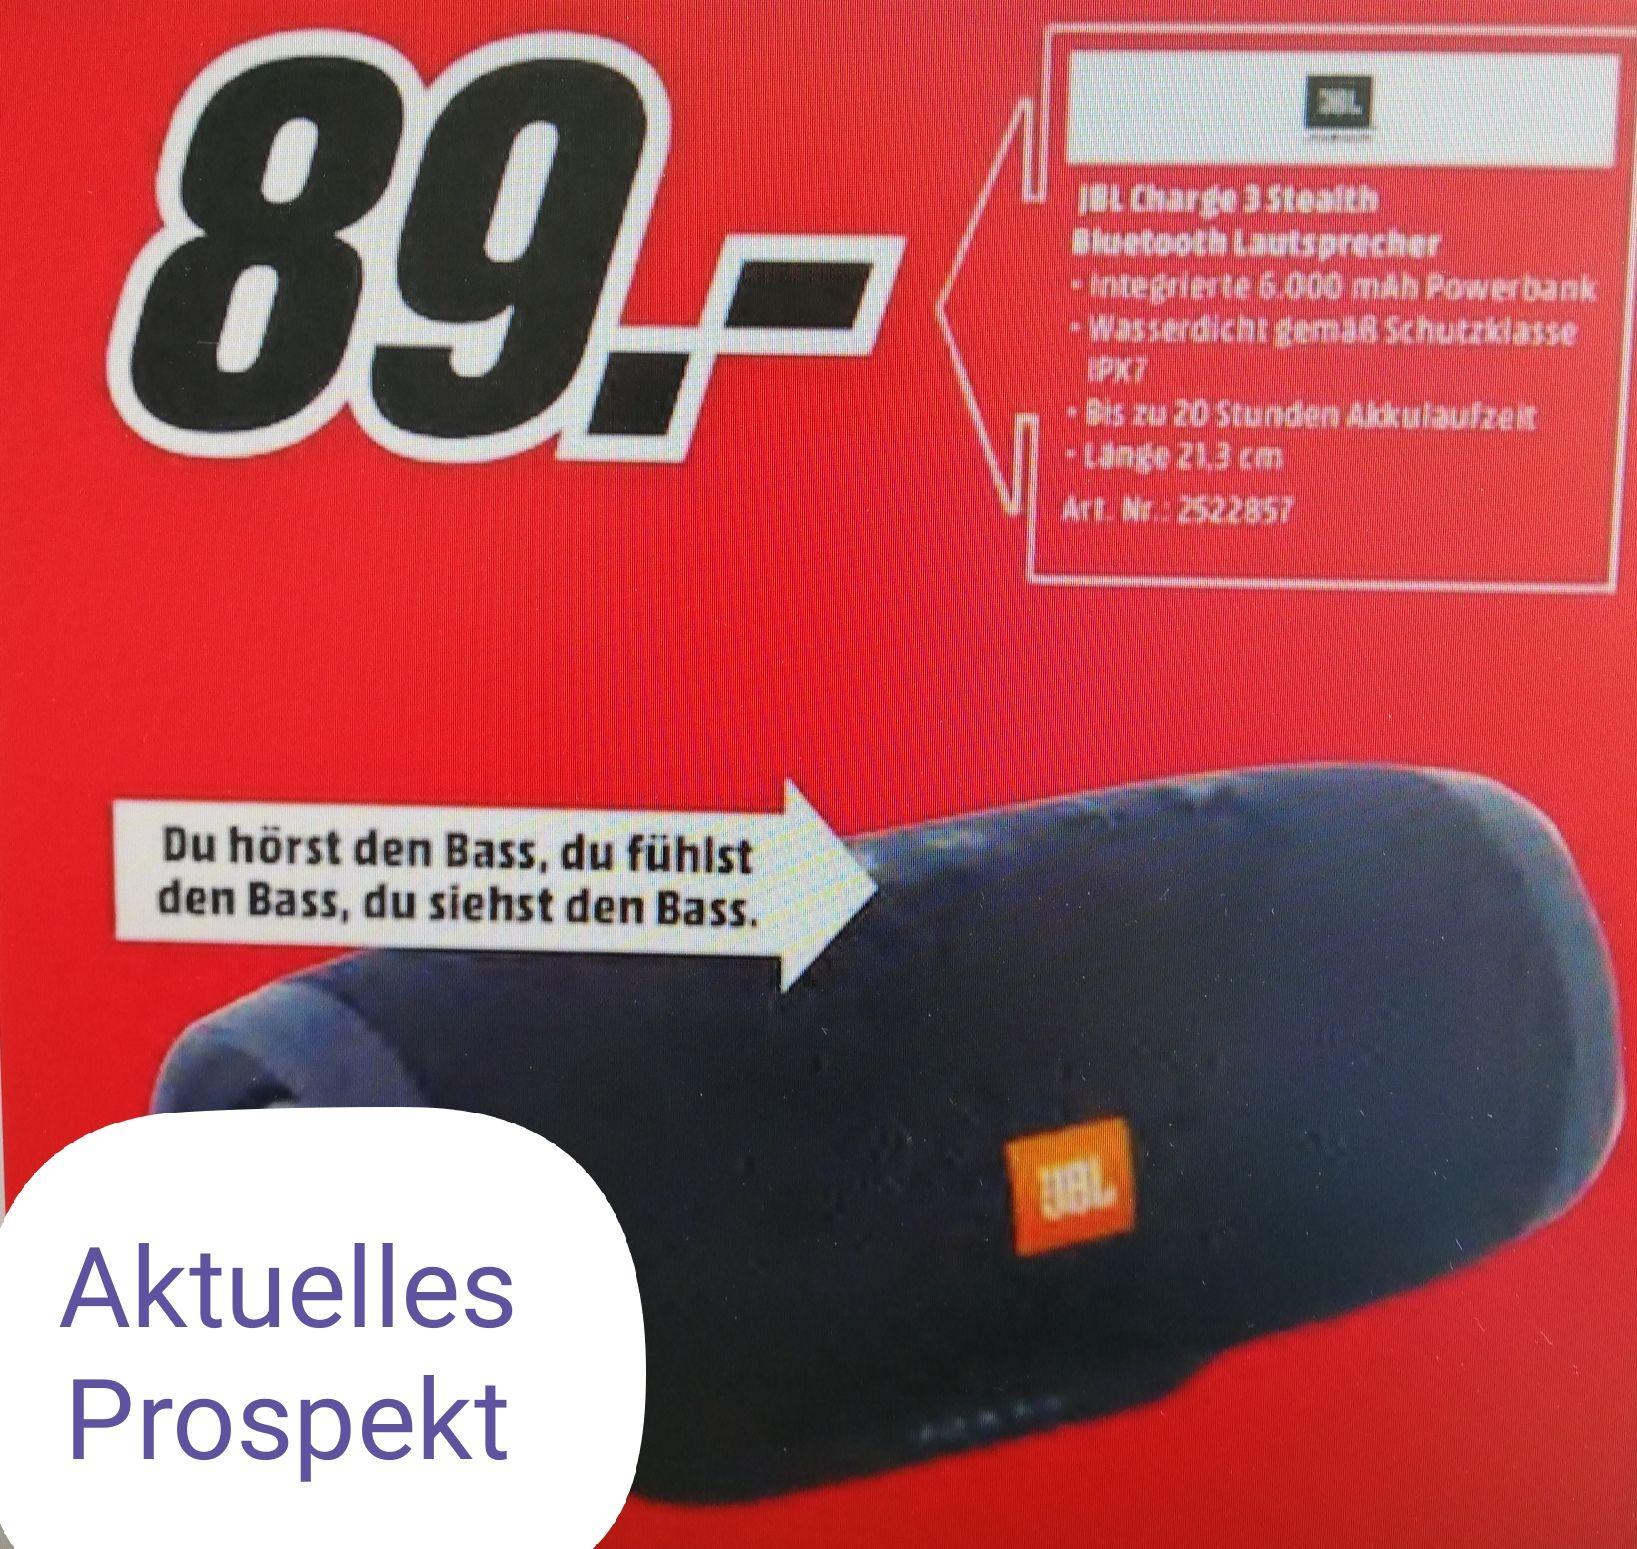 Lokal: Media Markt Mainz, Alzey, Bischofsheim. JBL Charge 3 Stealth Bluetooth Lautsprecher.